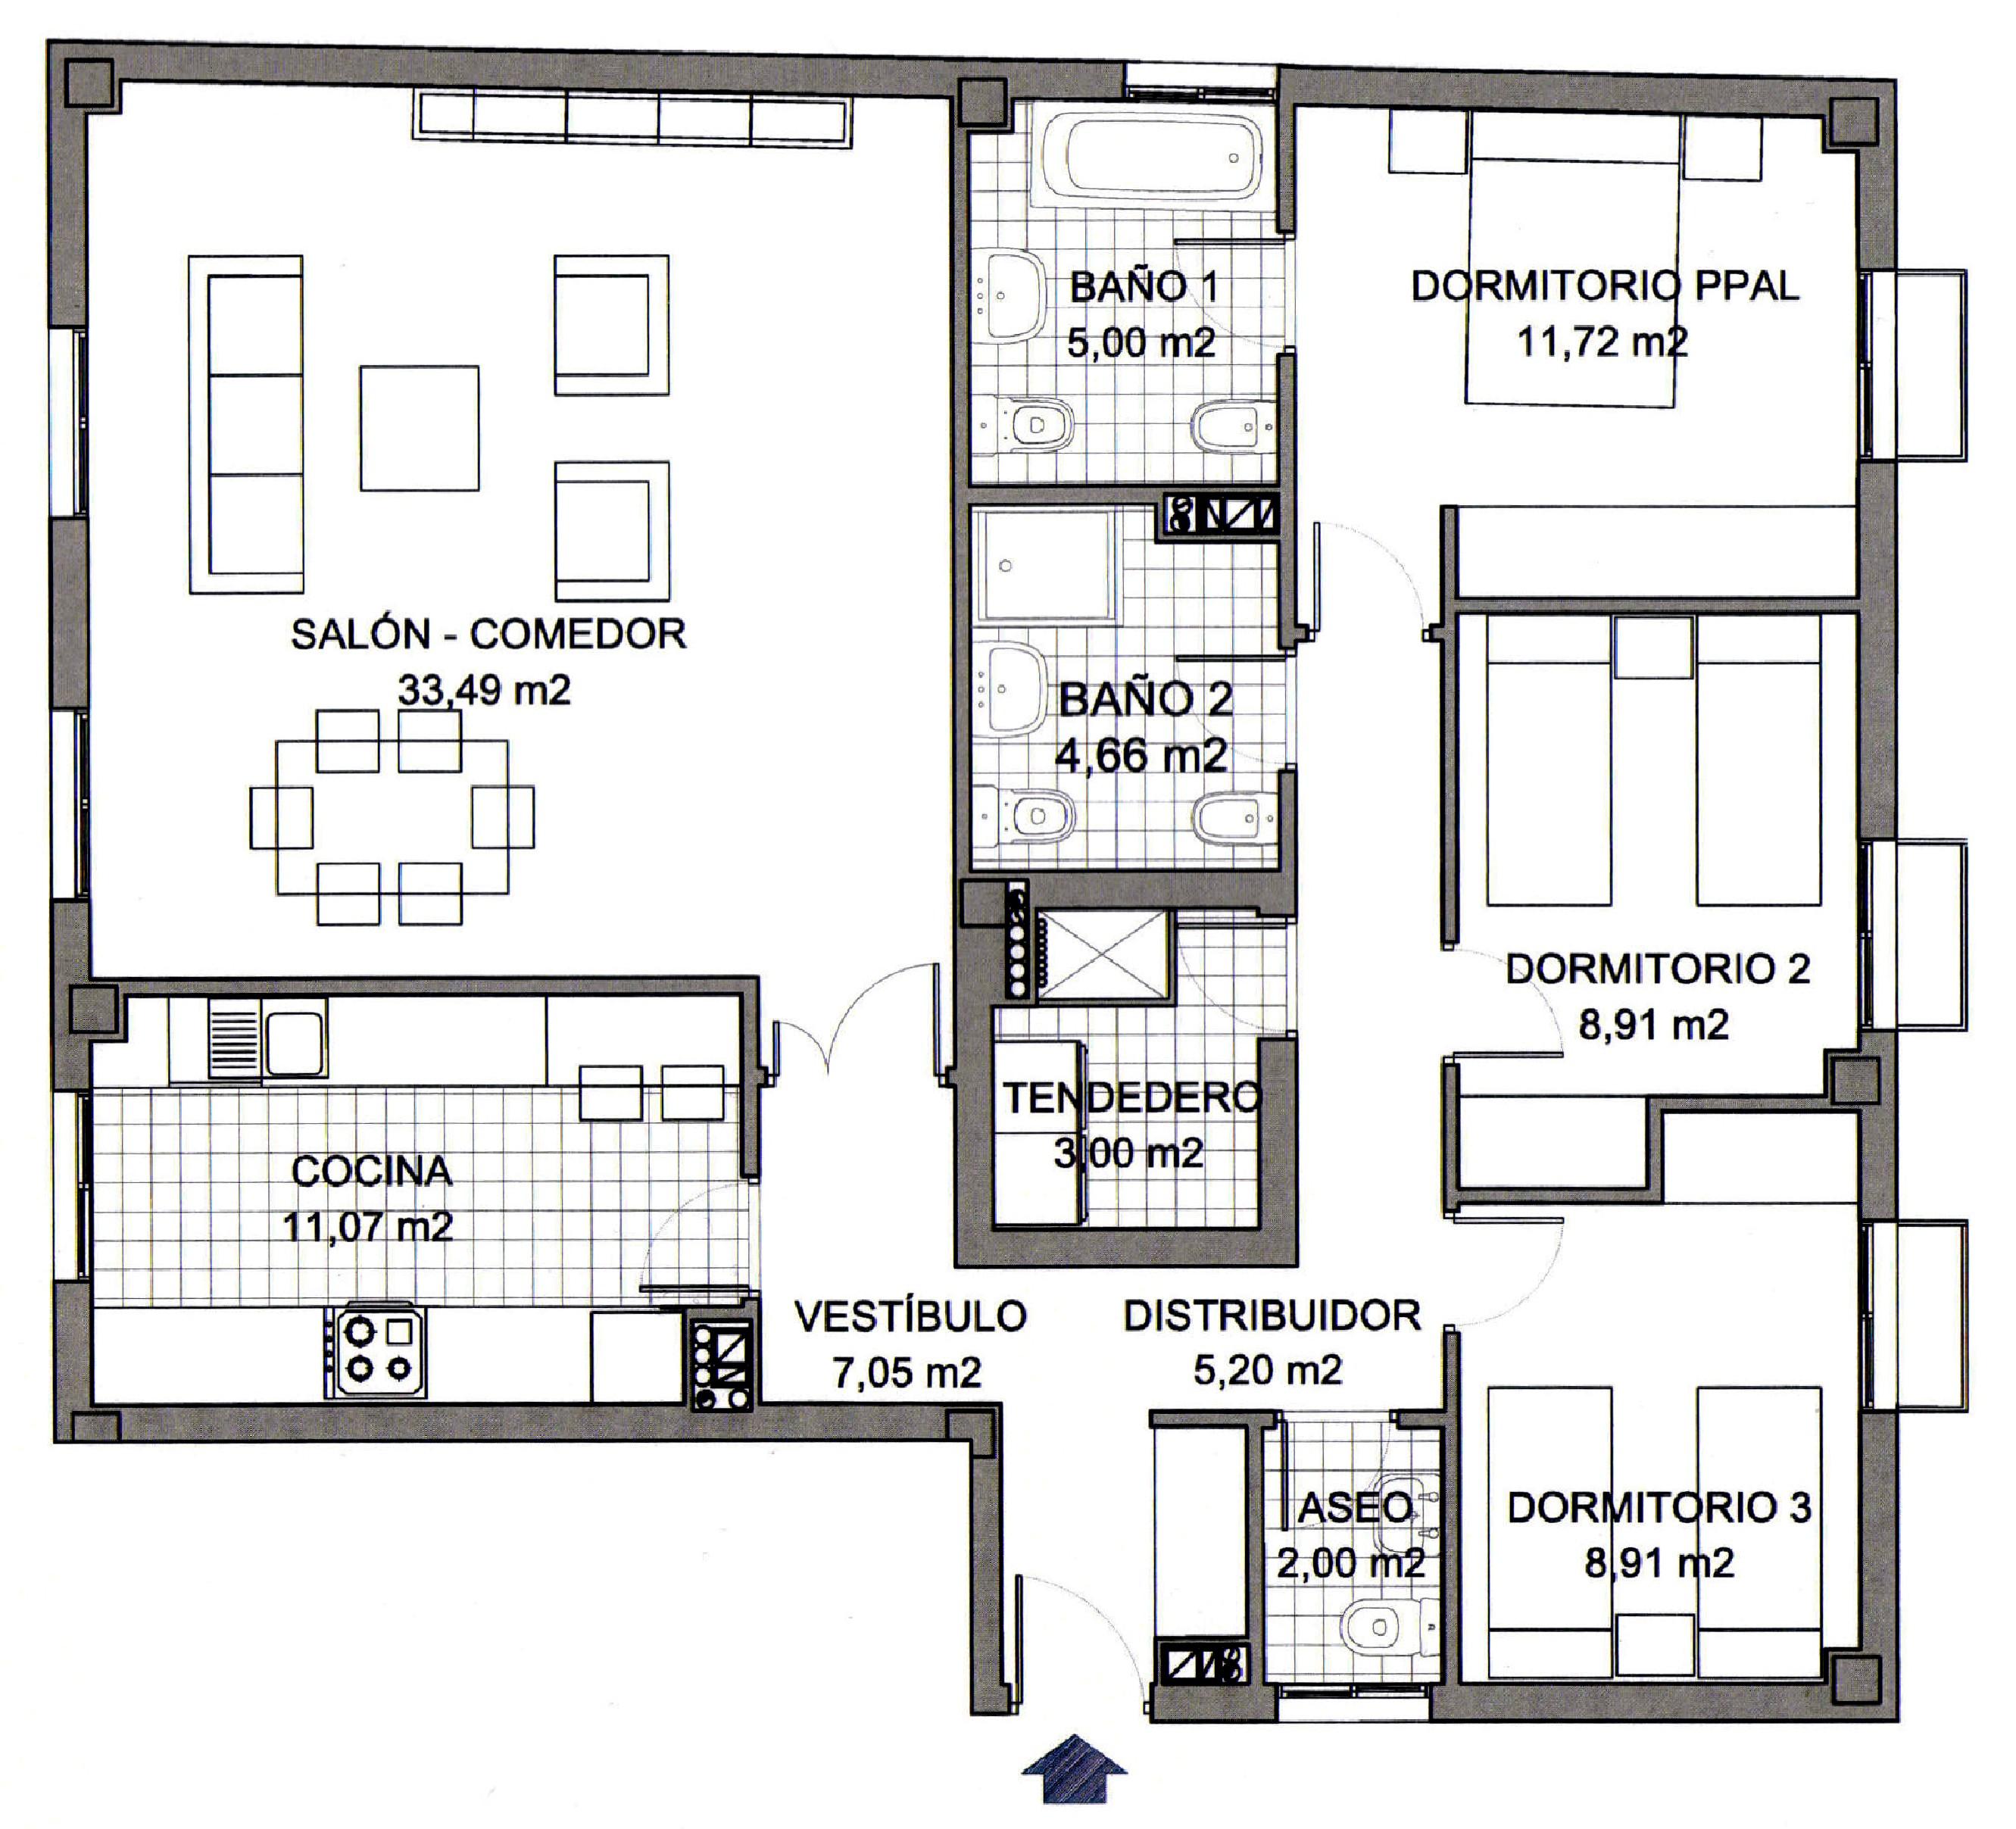 Compra de vivienda sobre plano qu garant as tiene el for Cuantos escalones tiene un piso